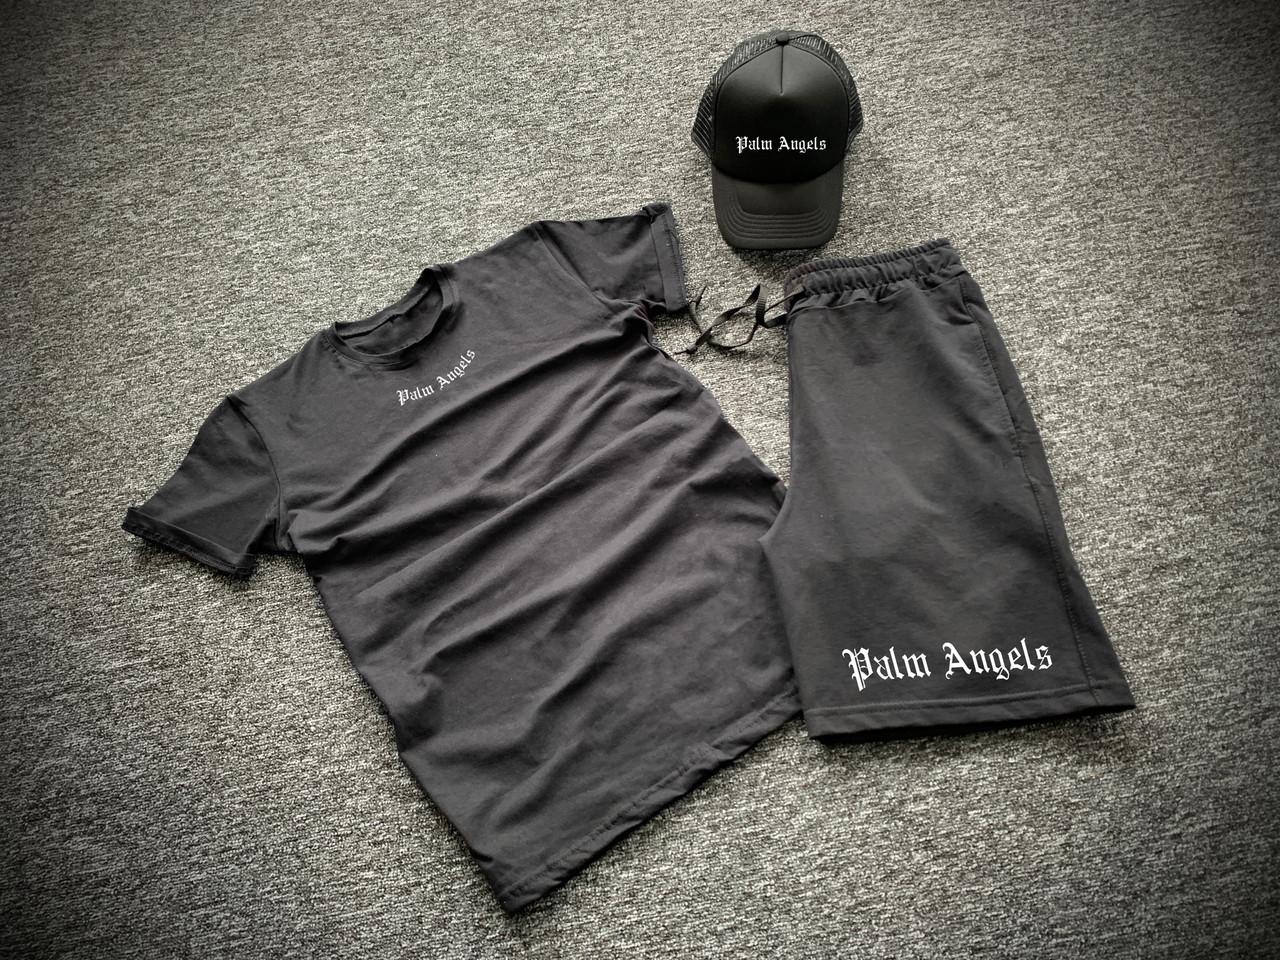 Комплект футболка шорты + бейсболка с принтом Palm Angels черный мужской | Набор летний ЛЮКС качества